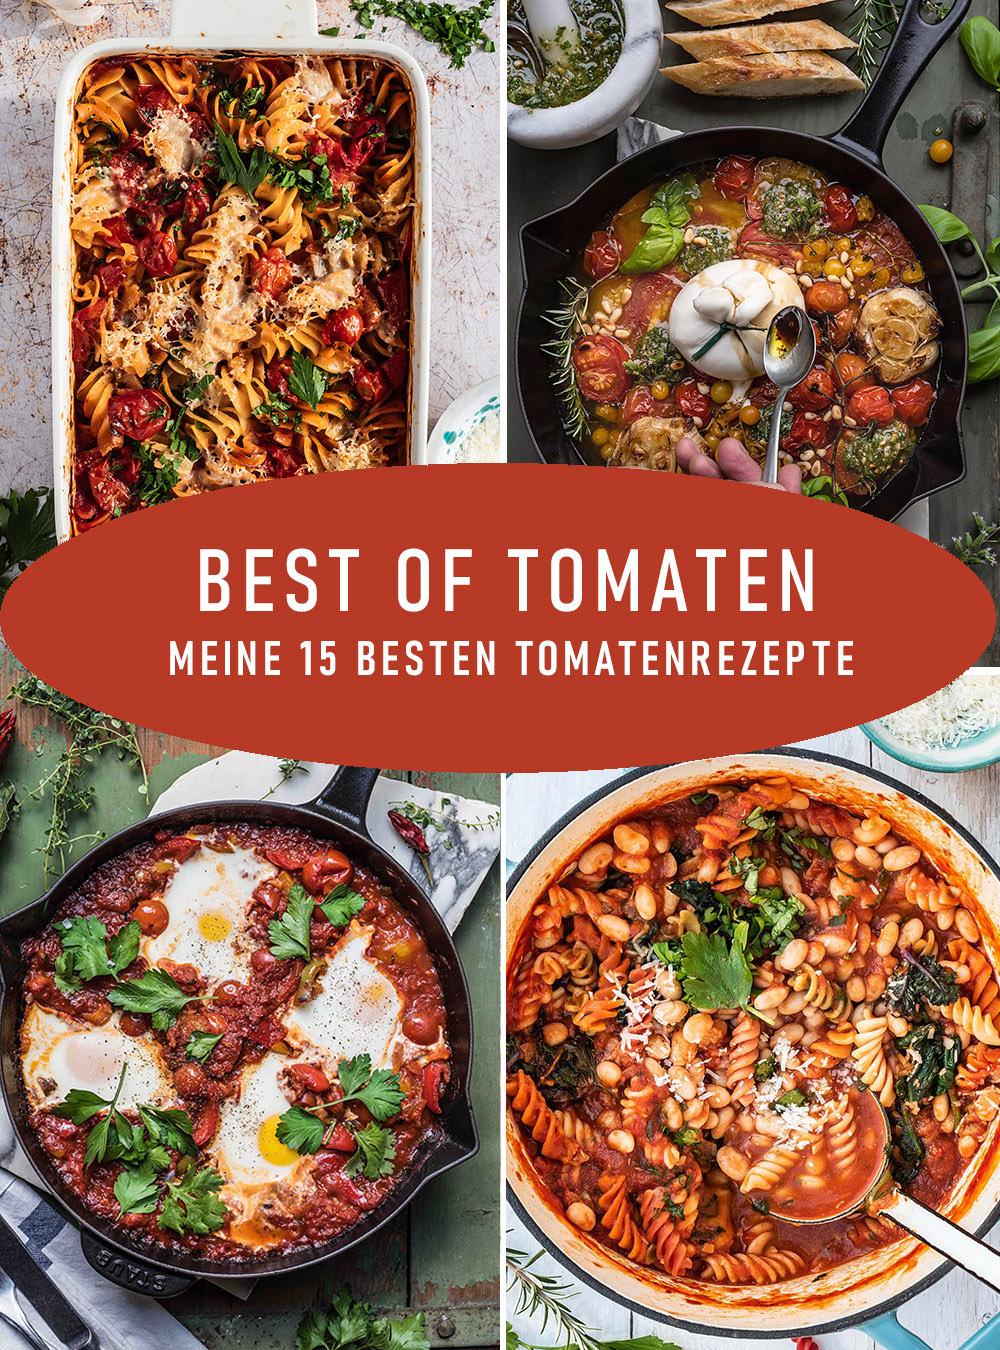 Die besten Tomatenrezepte von S-Küche